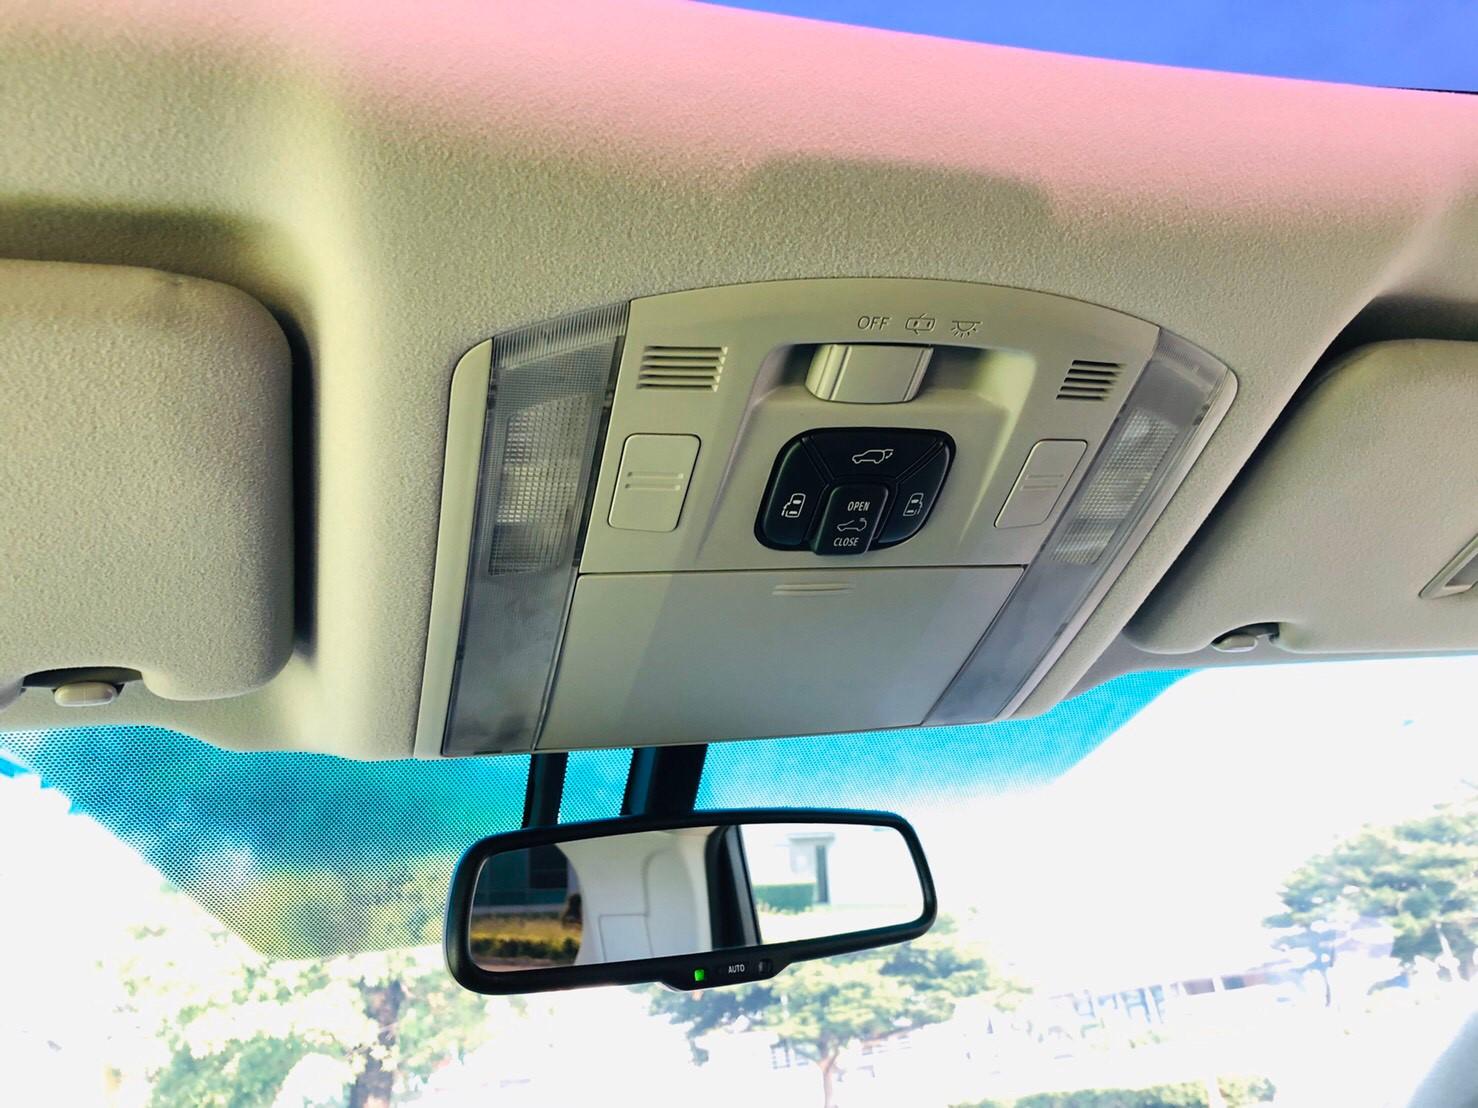 ภาพกระจกมองหลัง โตโยต้า เวลไฟร์ 2.4 ZG ปี 2014